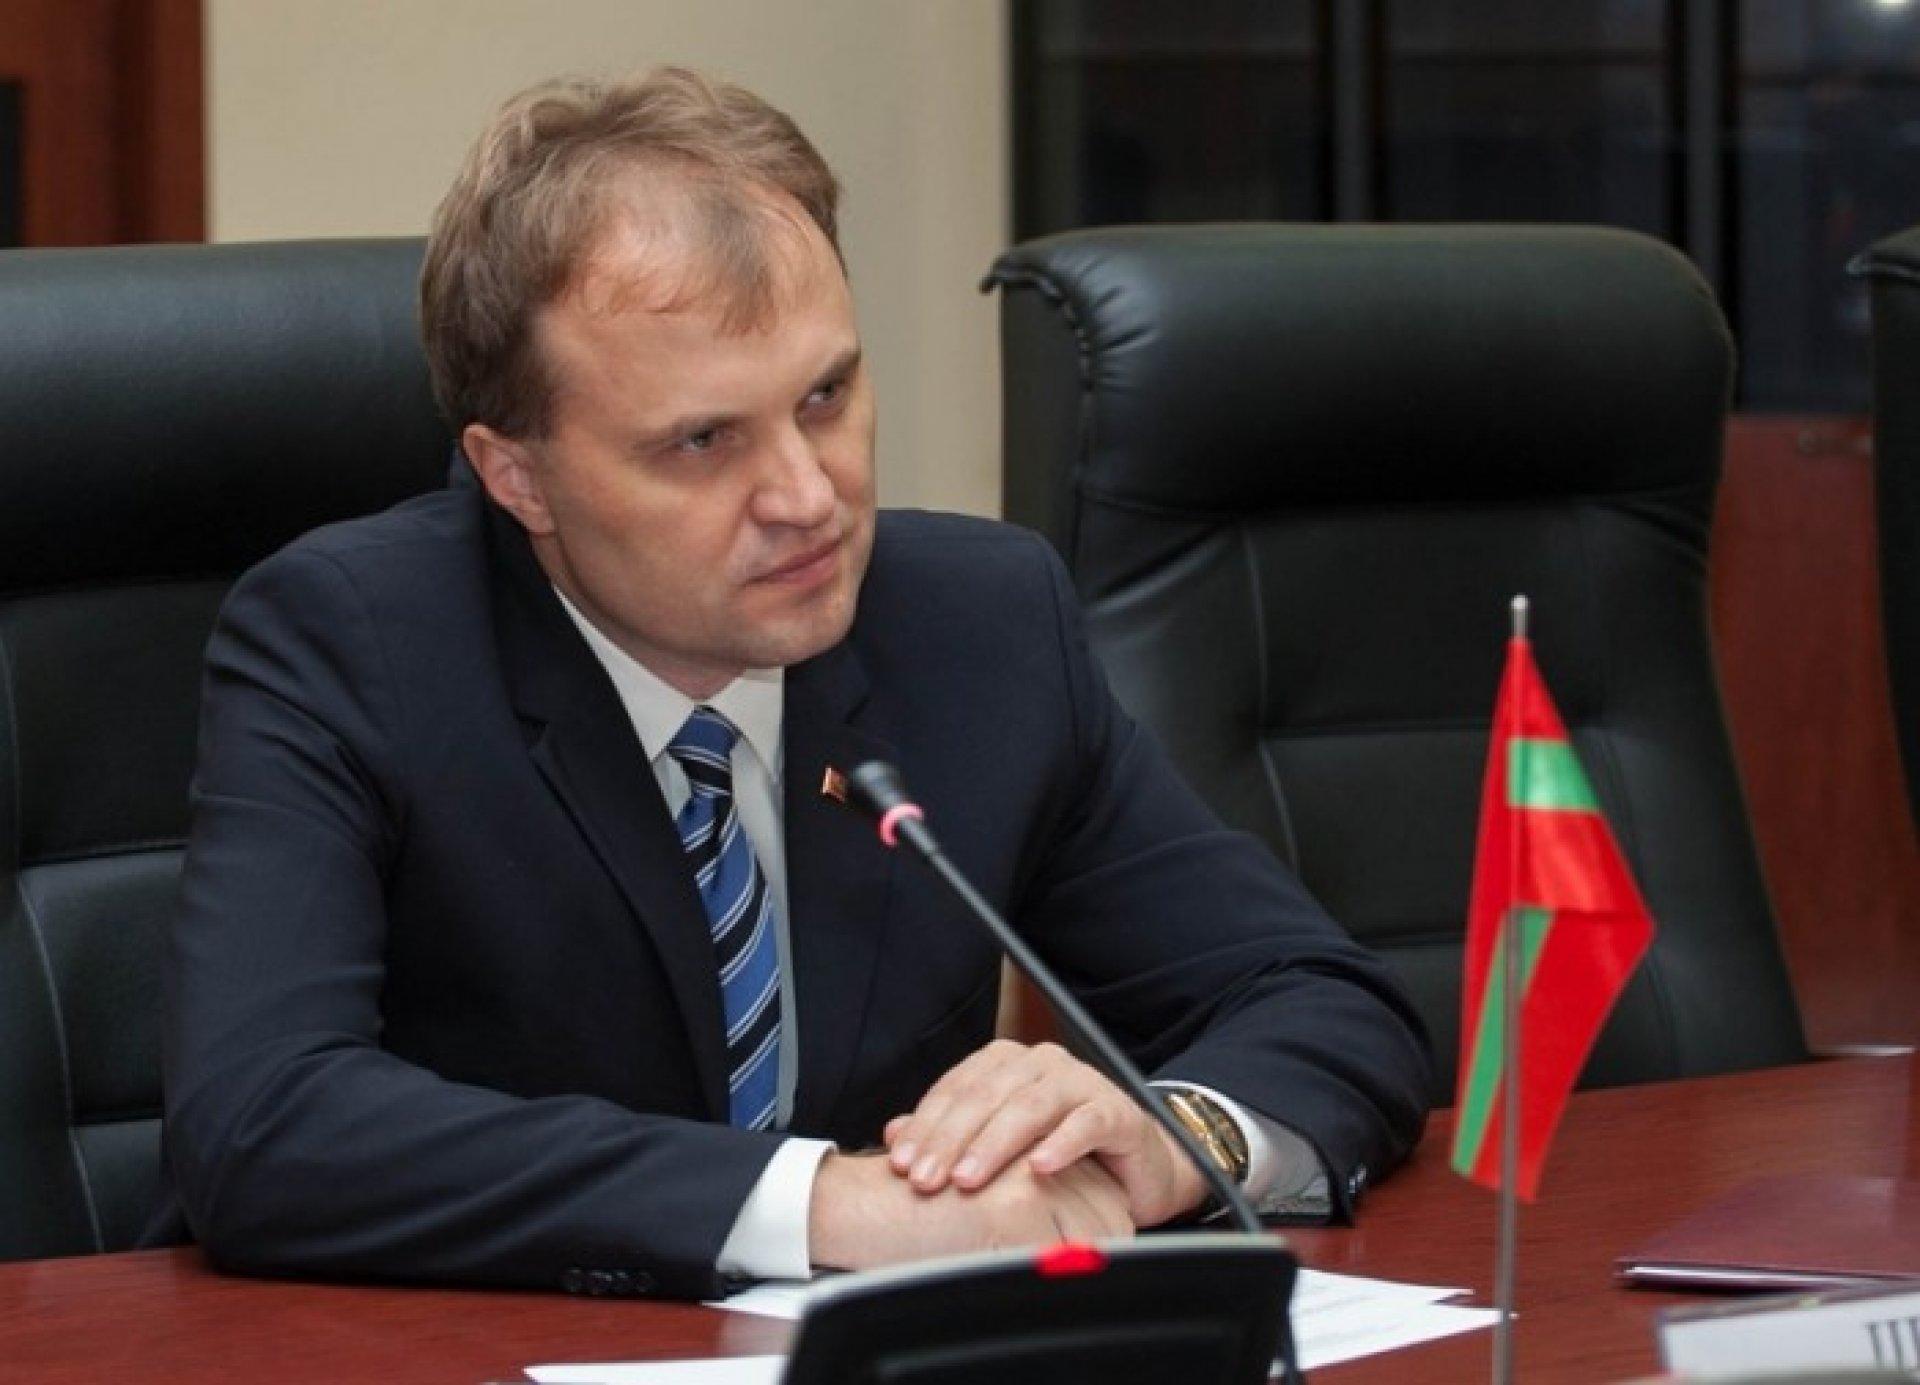 Așa-numita justiție transnistriană l-a condamnat pe ex-liderul autoproclamatei RMN la 16 ani de închisoare